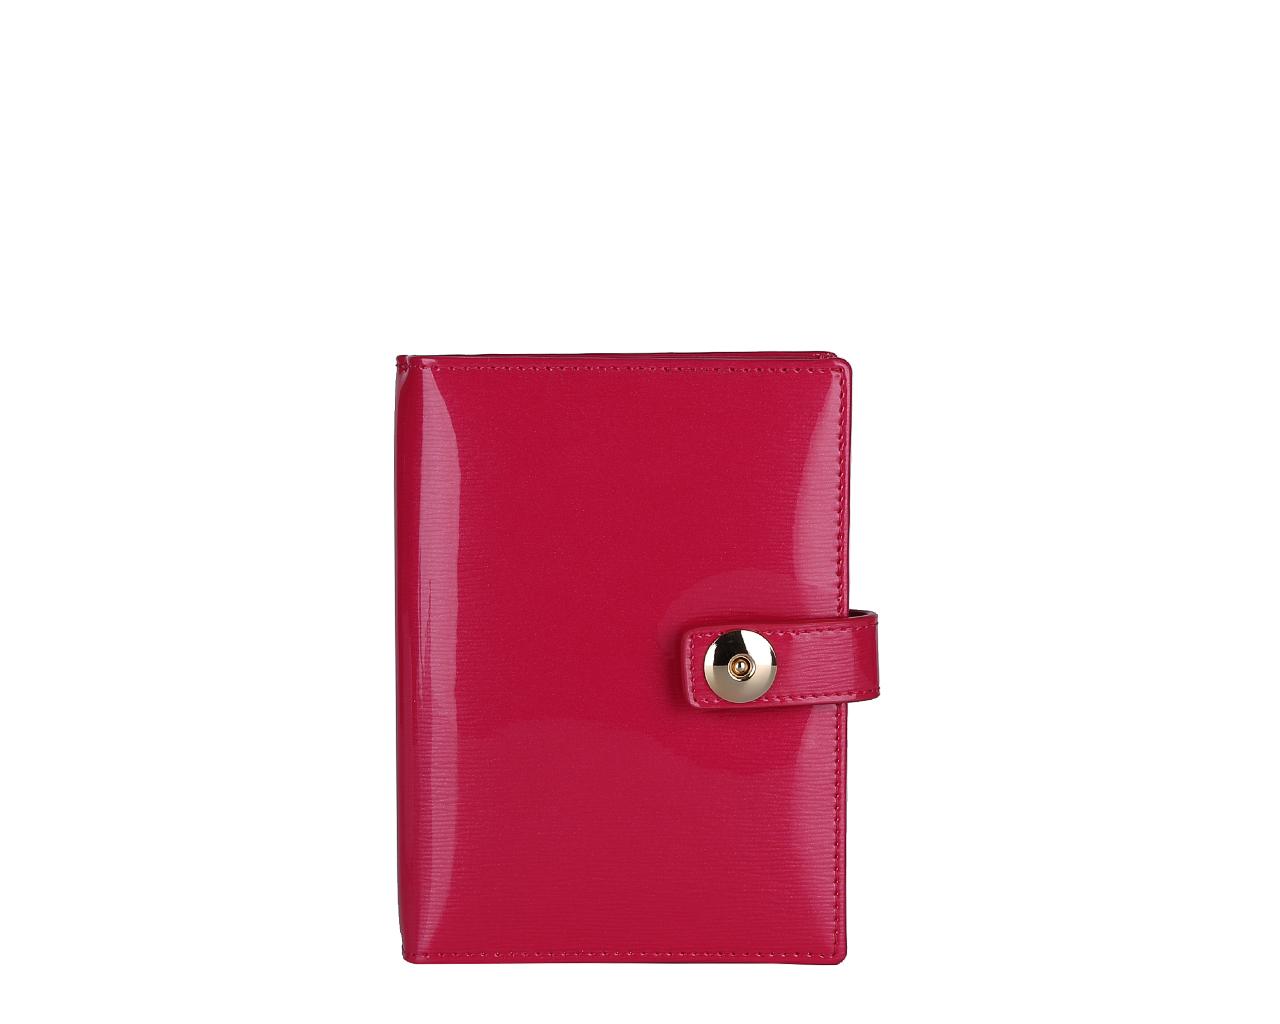 Обложка для документов женская Leo Ventoni, цвет: фуксия. L330841L330841 fuchsiaСтильная обложка для автодокументов Leo Ventoni выполнена из натуральной лакированной кожи и дополнена металлической фурнитурой. Изделие раскладывается пополам и закрывается хлястиком на магнитную кнопку. Внутри размещен вкладыш с шестью файлами для автодокументов, четыре кармана для кредитных карт, два боковых кармана, один из которых прозрачный. Изделие поставляется в фирменной упаковке. Оригинальная обложка для автодокументов Leo Ventoni станет отличным подарком для человека, ценящего качественные и практичные вещи.